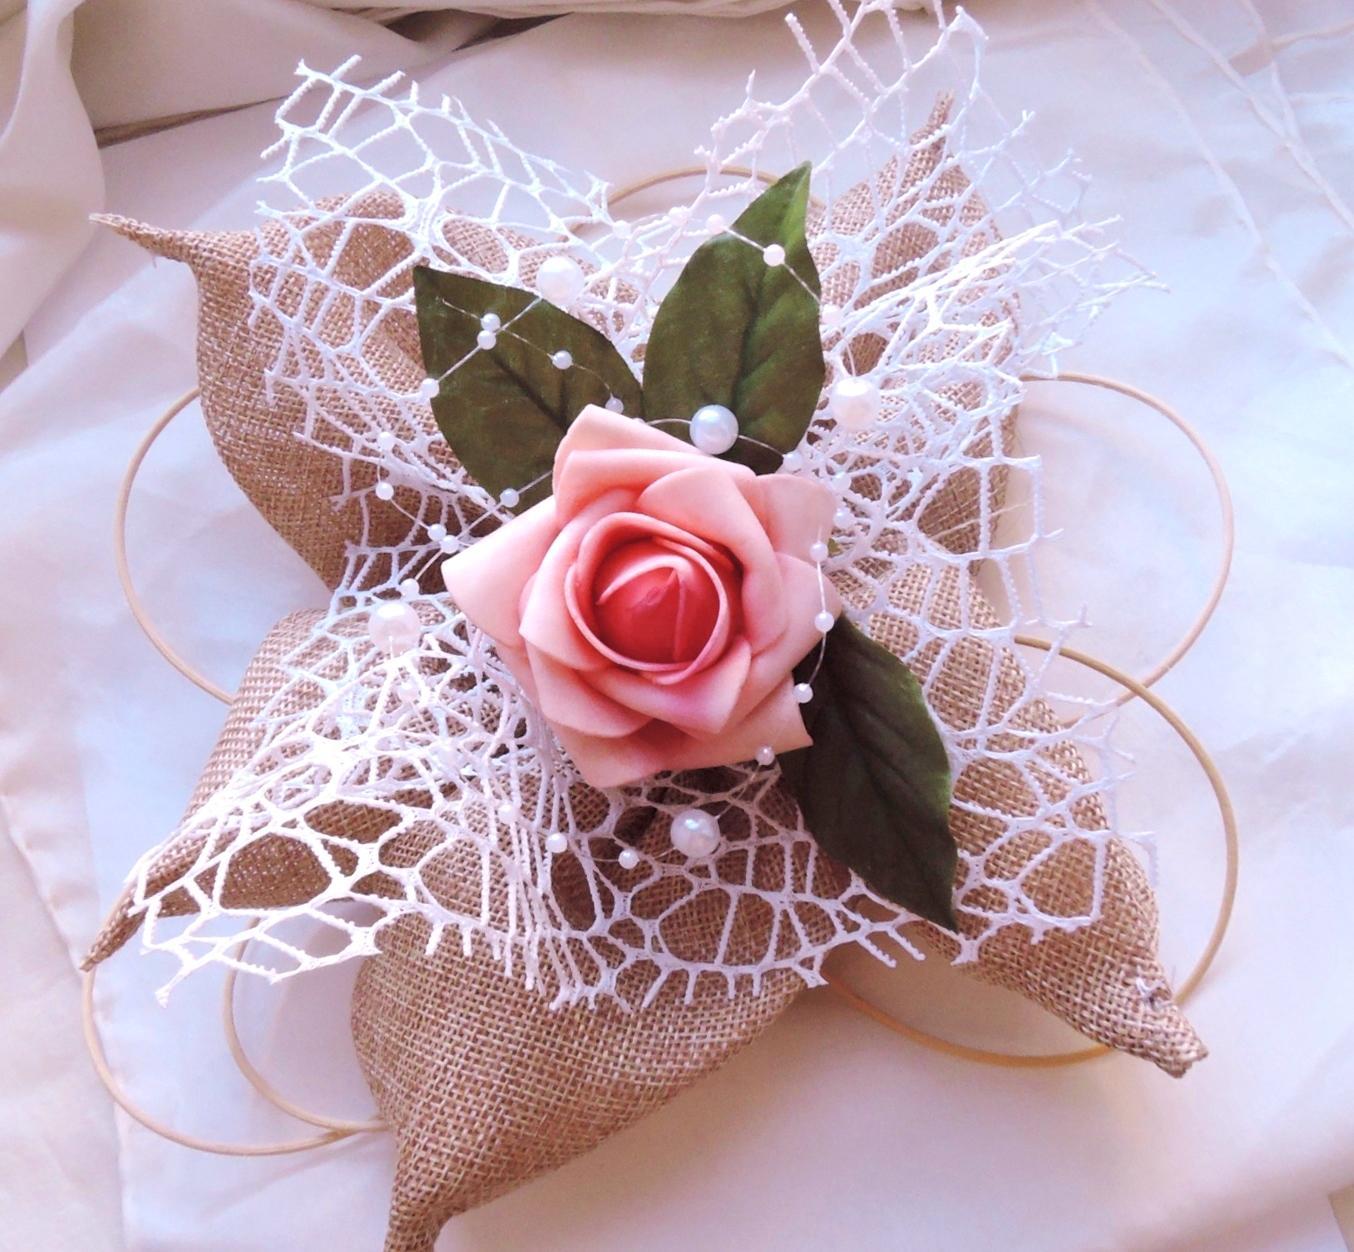 """Svatební auto - """"Jutový květ s růží"""" - Obrázek č. 2"""